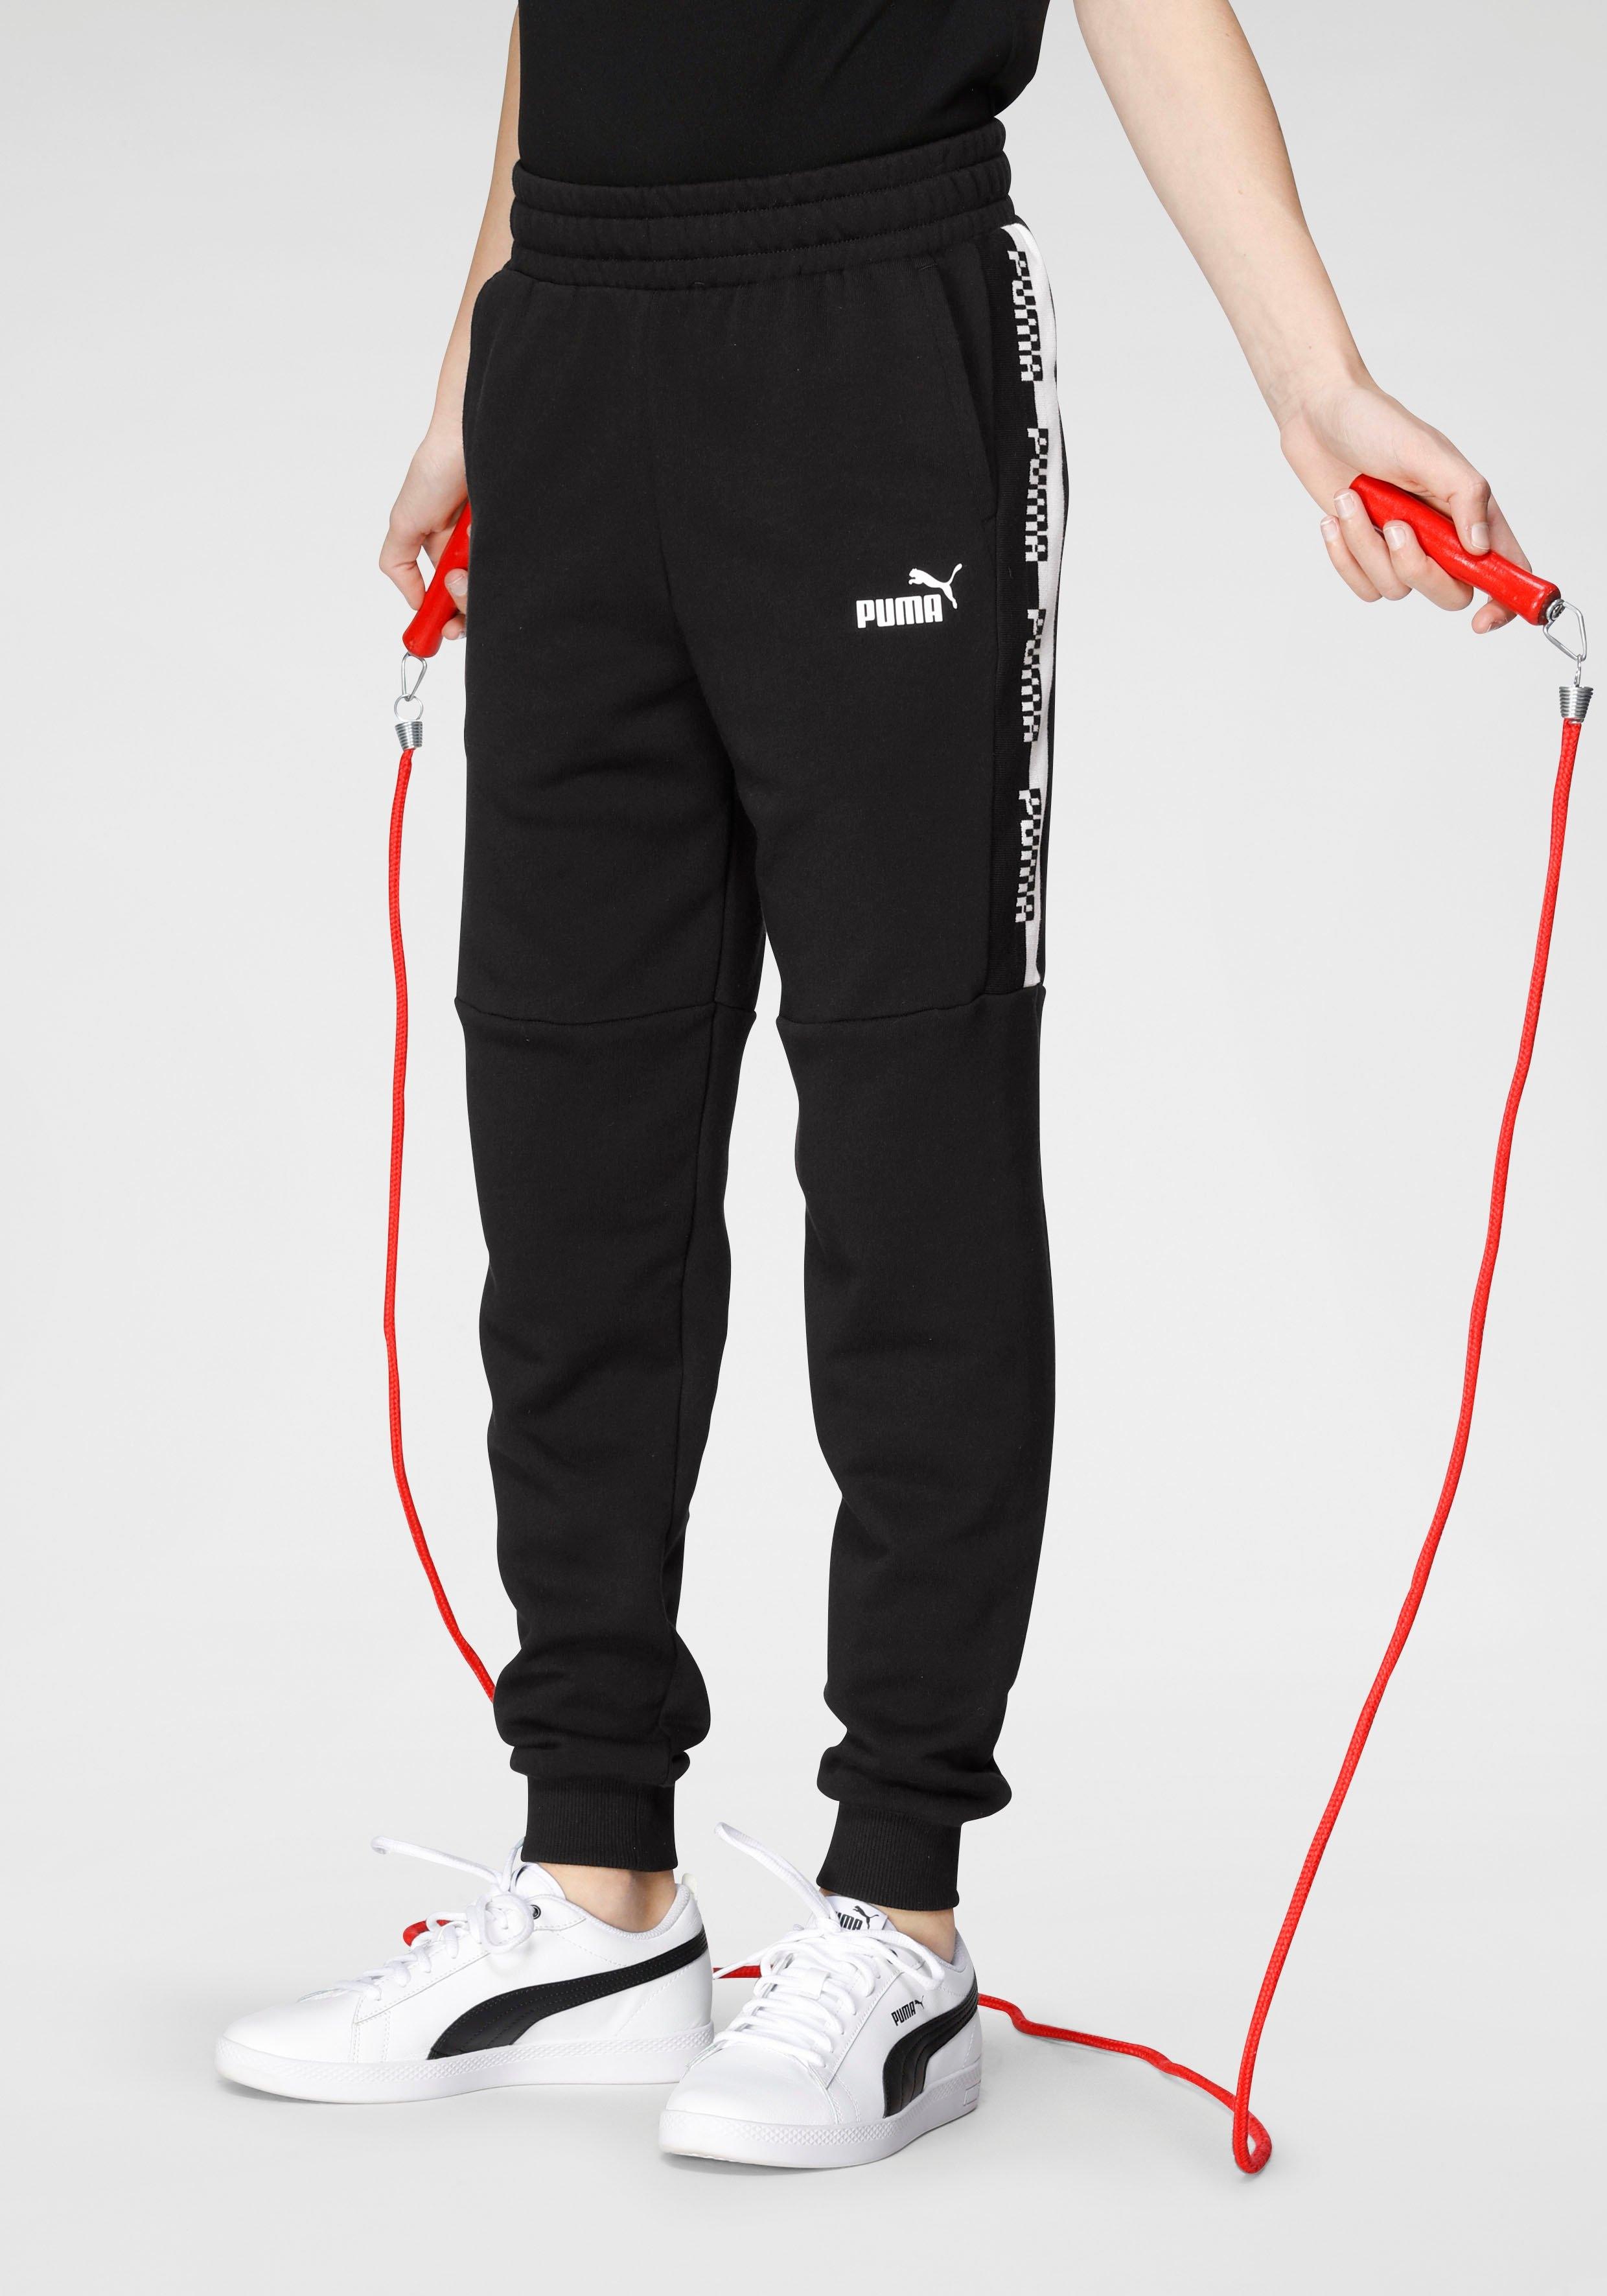 PUMA joggingbroek Amplified Sweatpants TR cl B nu online kopen bij OTTO